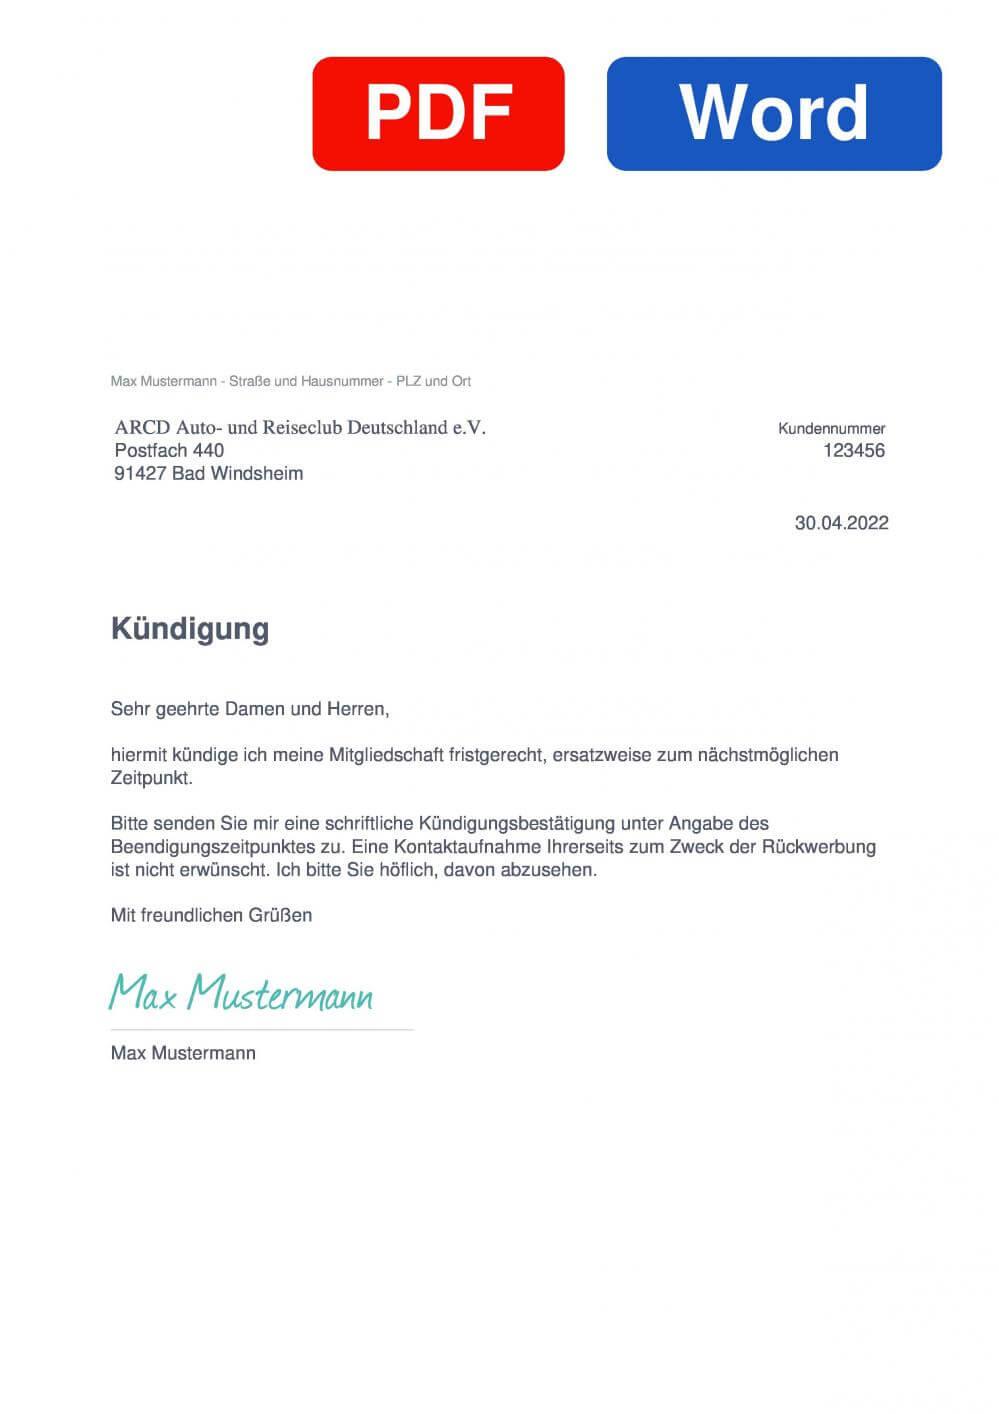 ARCD Auto- und Reiseclub Deutschland Muster Vorlage für Kündigungsschreiben